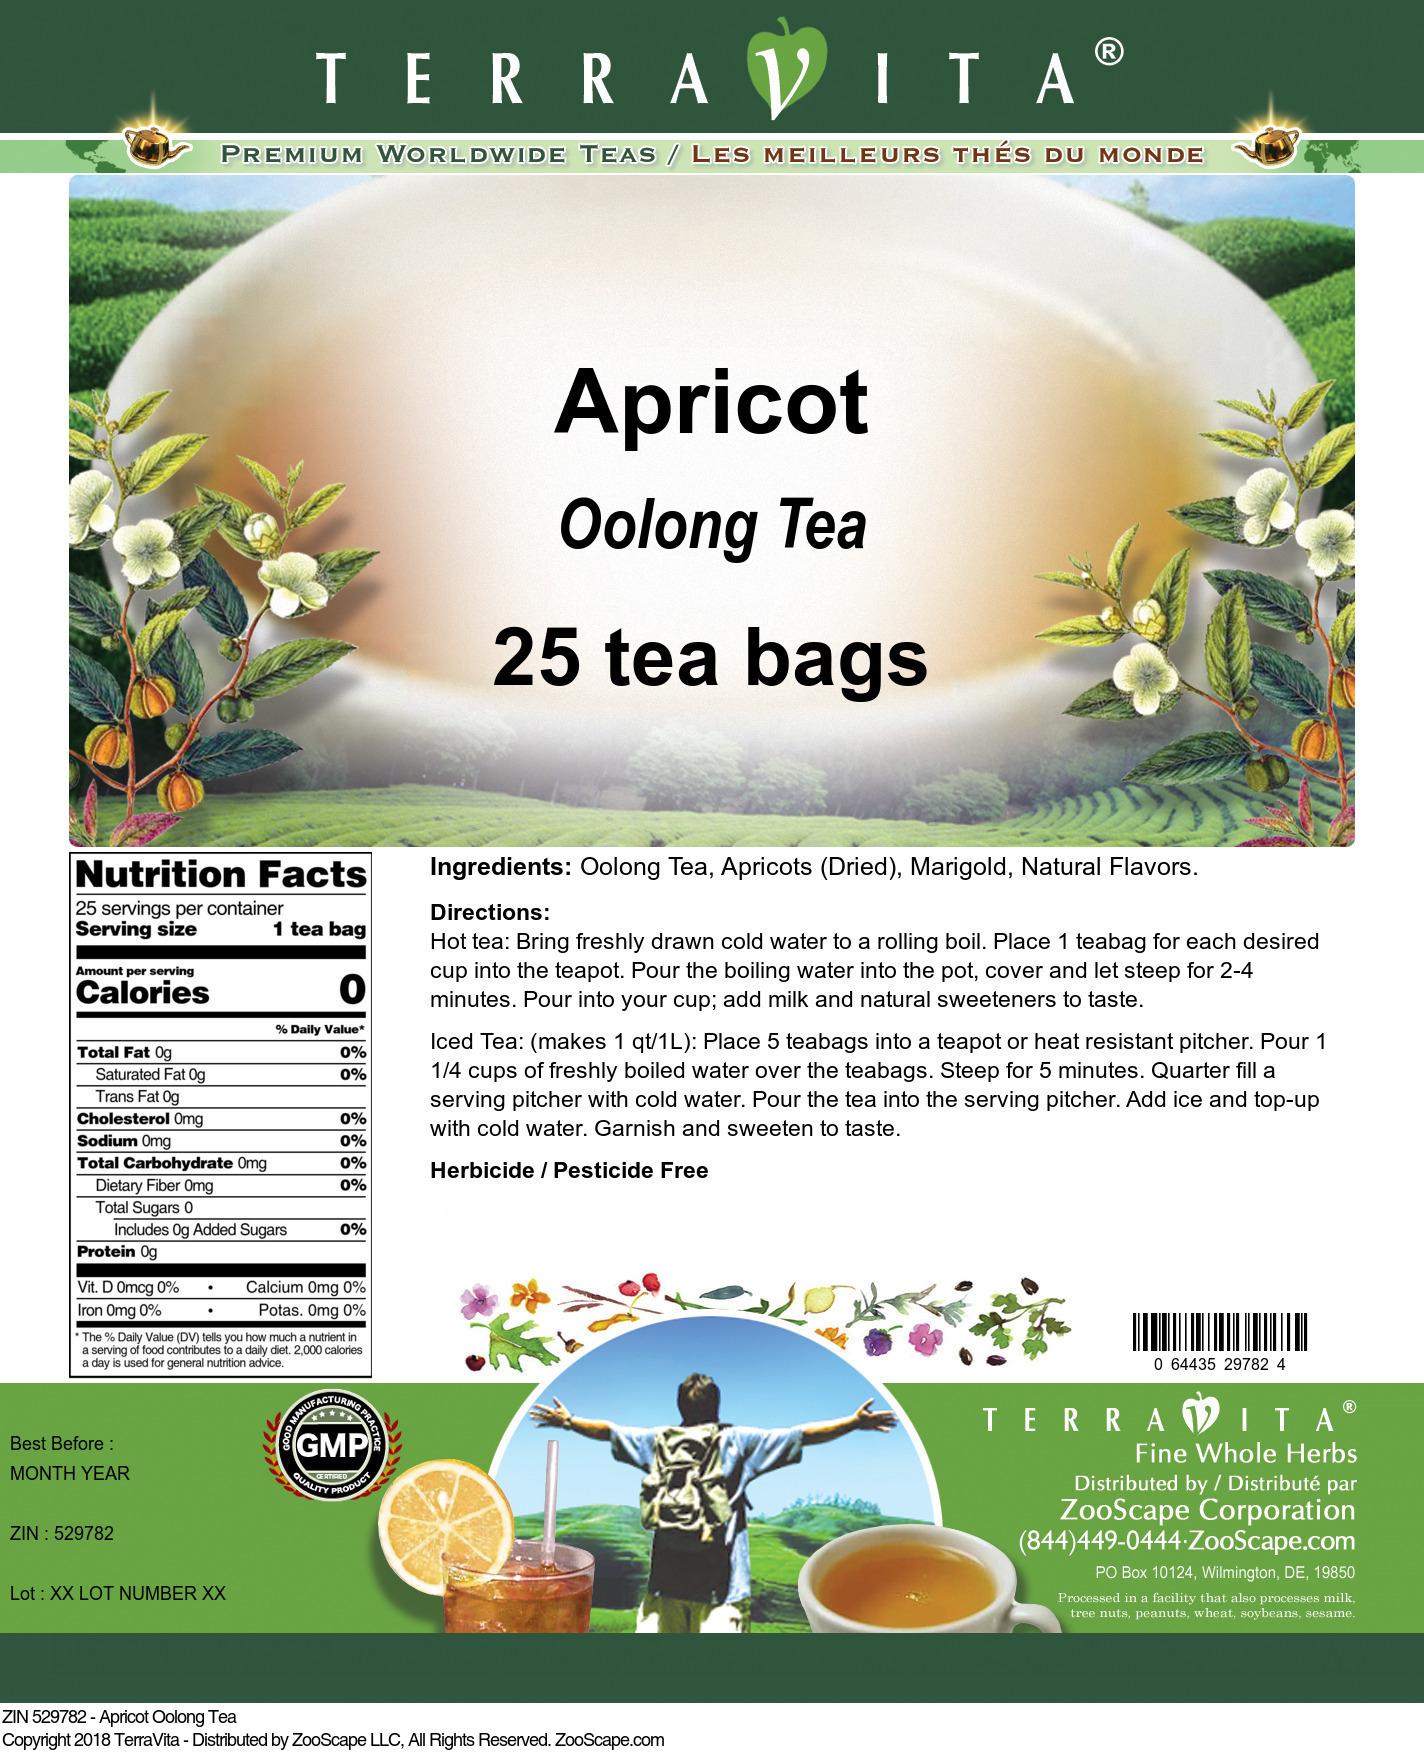 Apricot Oolong Tea